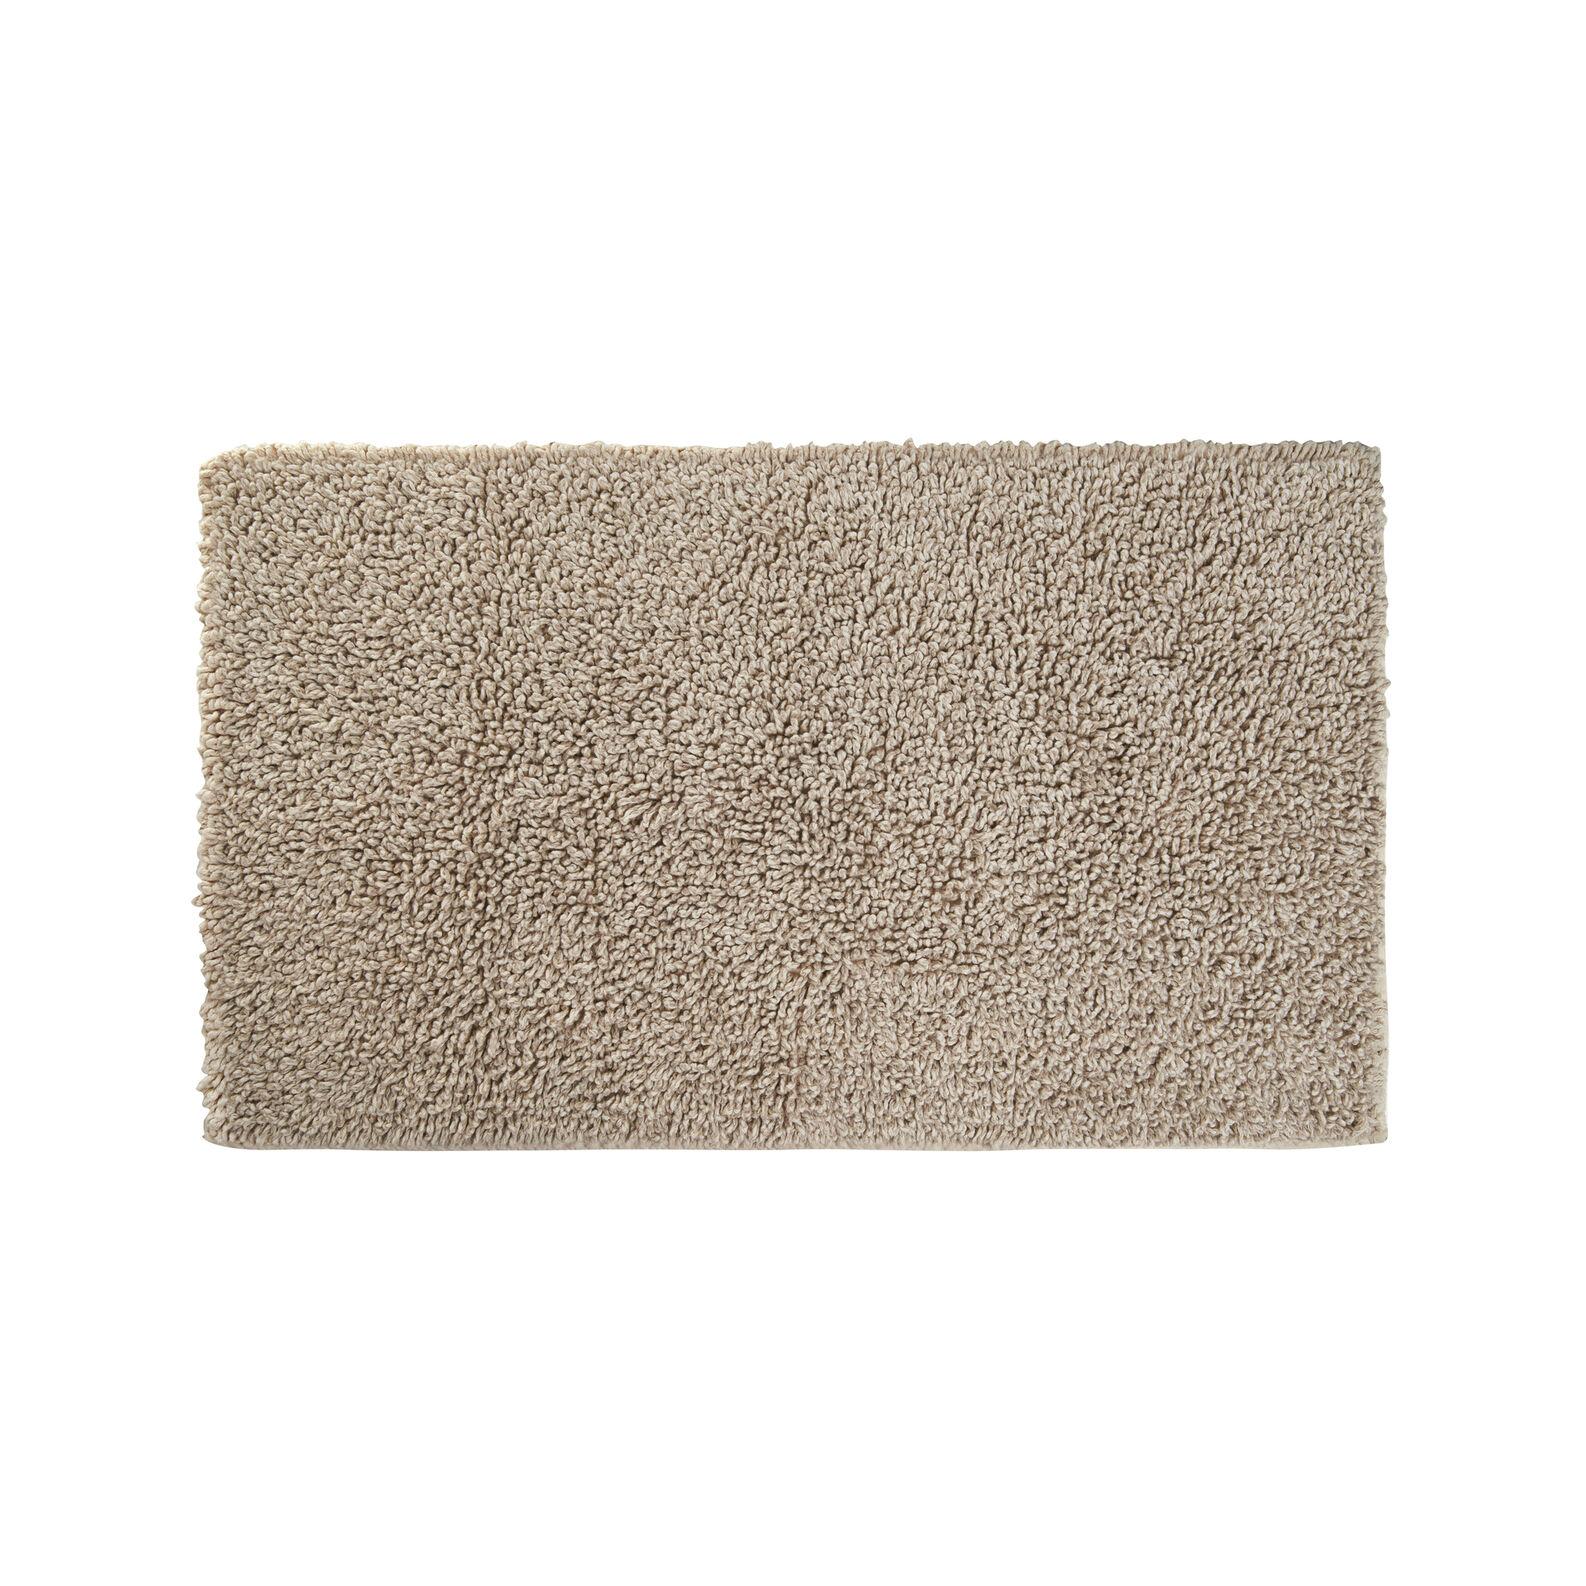 Thermae linen blend bath mat